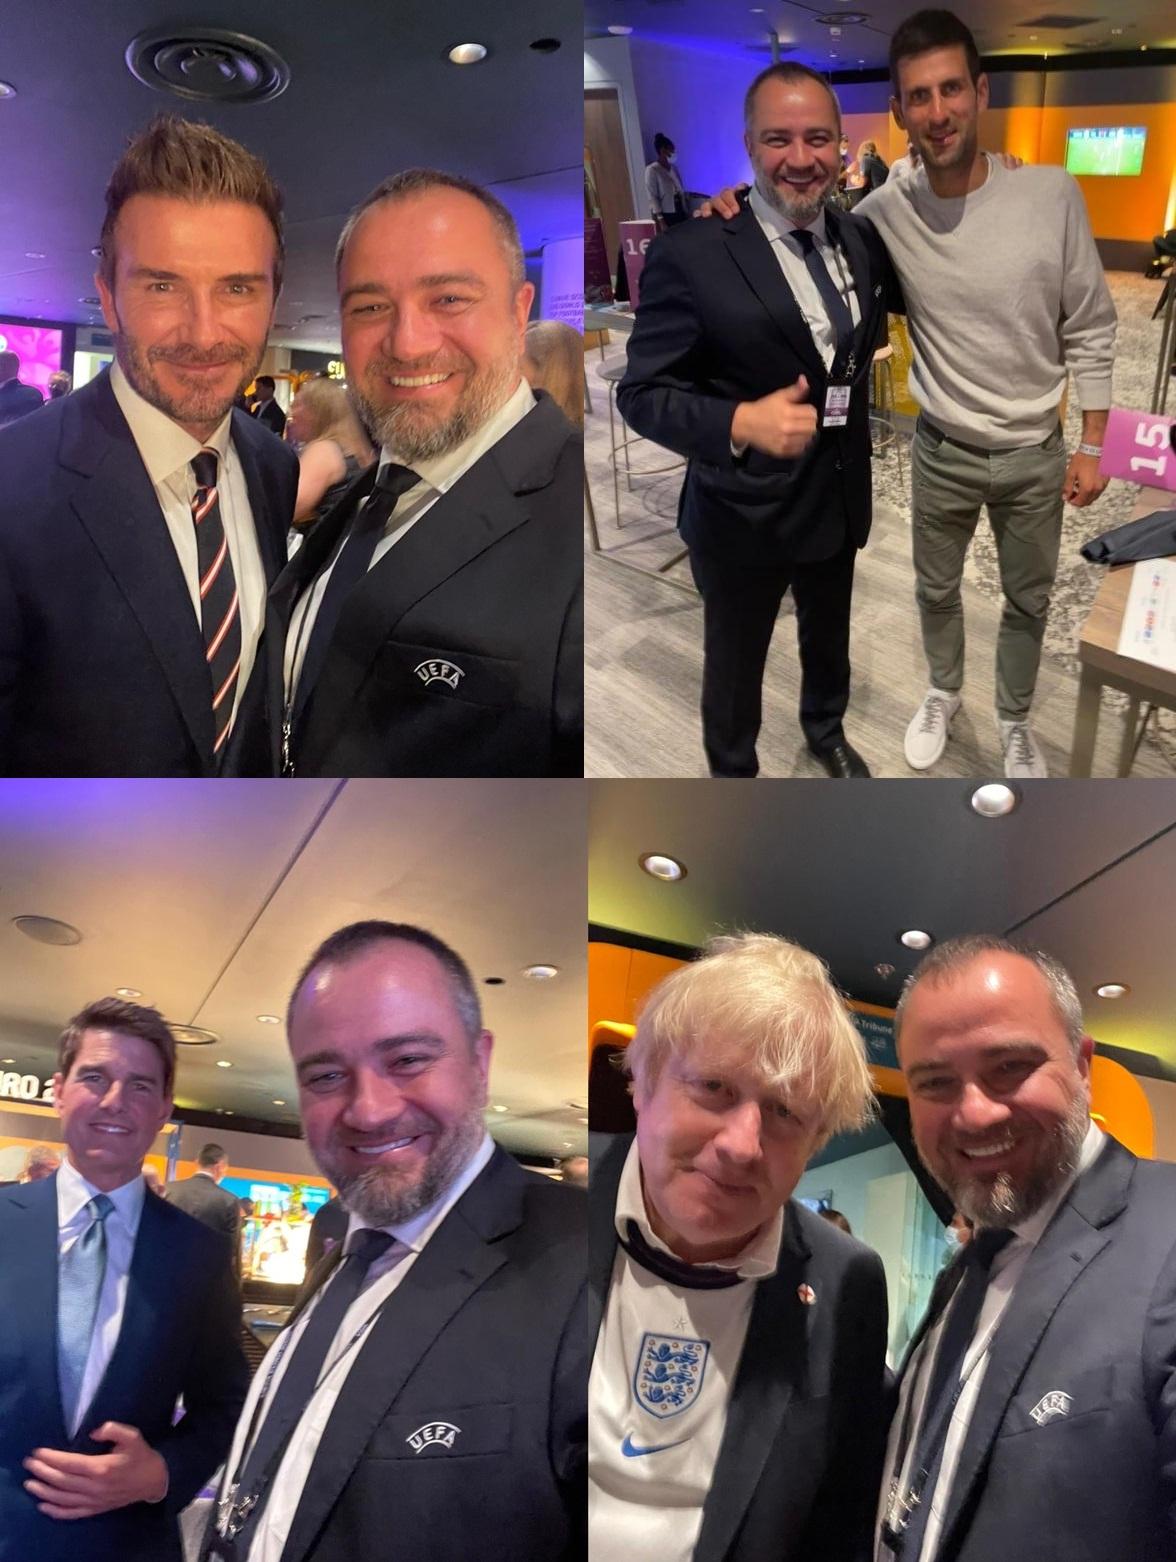 Александер Чеферин, Евро-2020, Андрей Павелко, УАФ, Сборная Украины по футболу, Дэвид Бекхэм